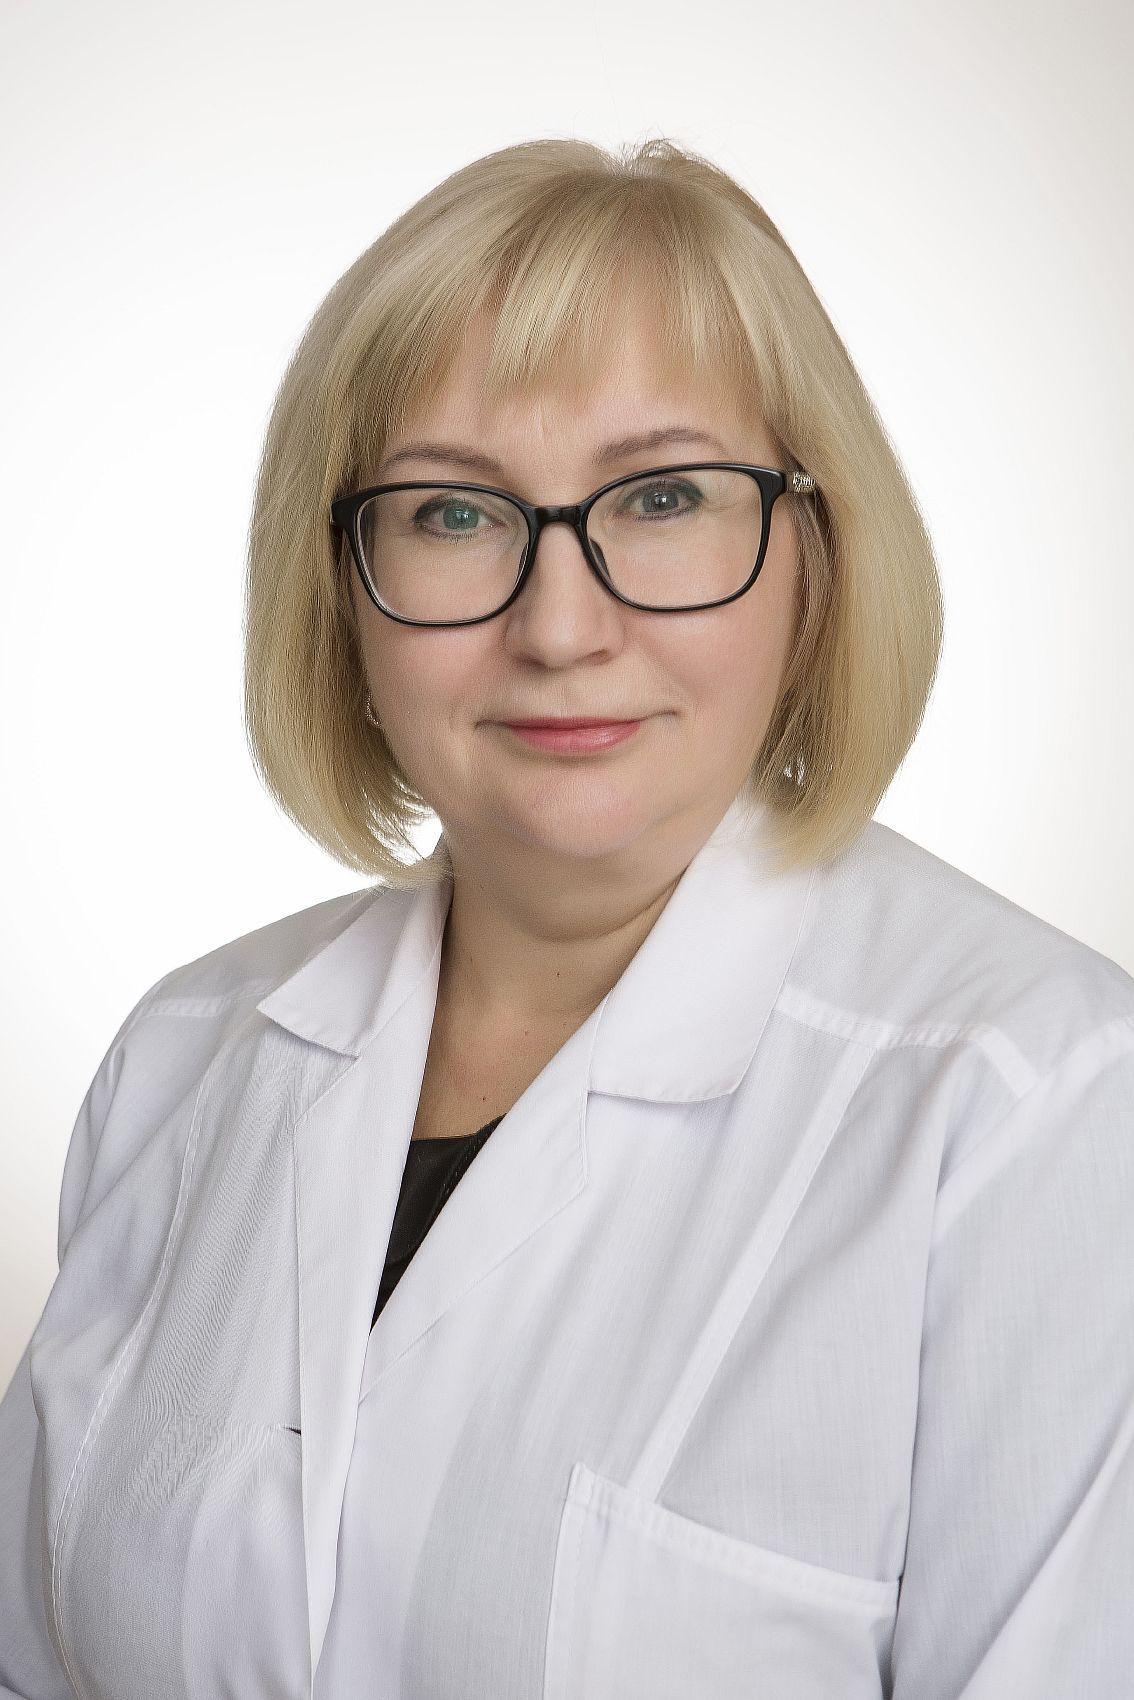 Лучшие неврологи Санкт-Петербурга - 2689 врачей, отзывы и ...